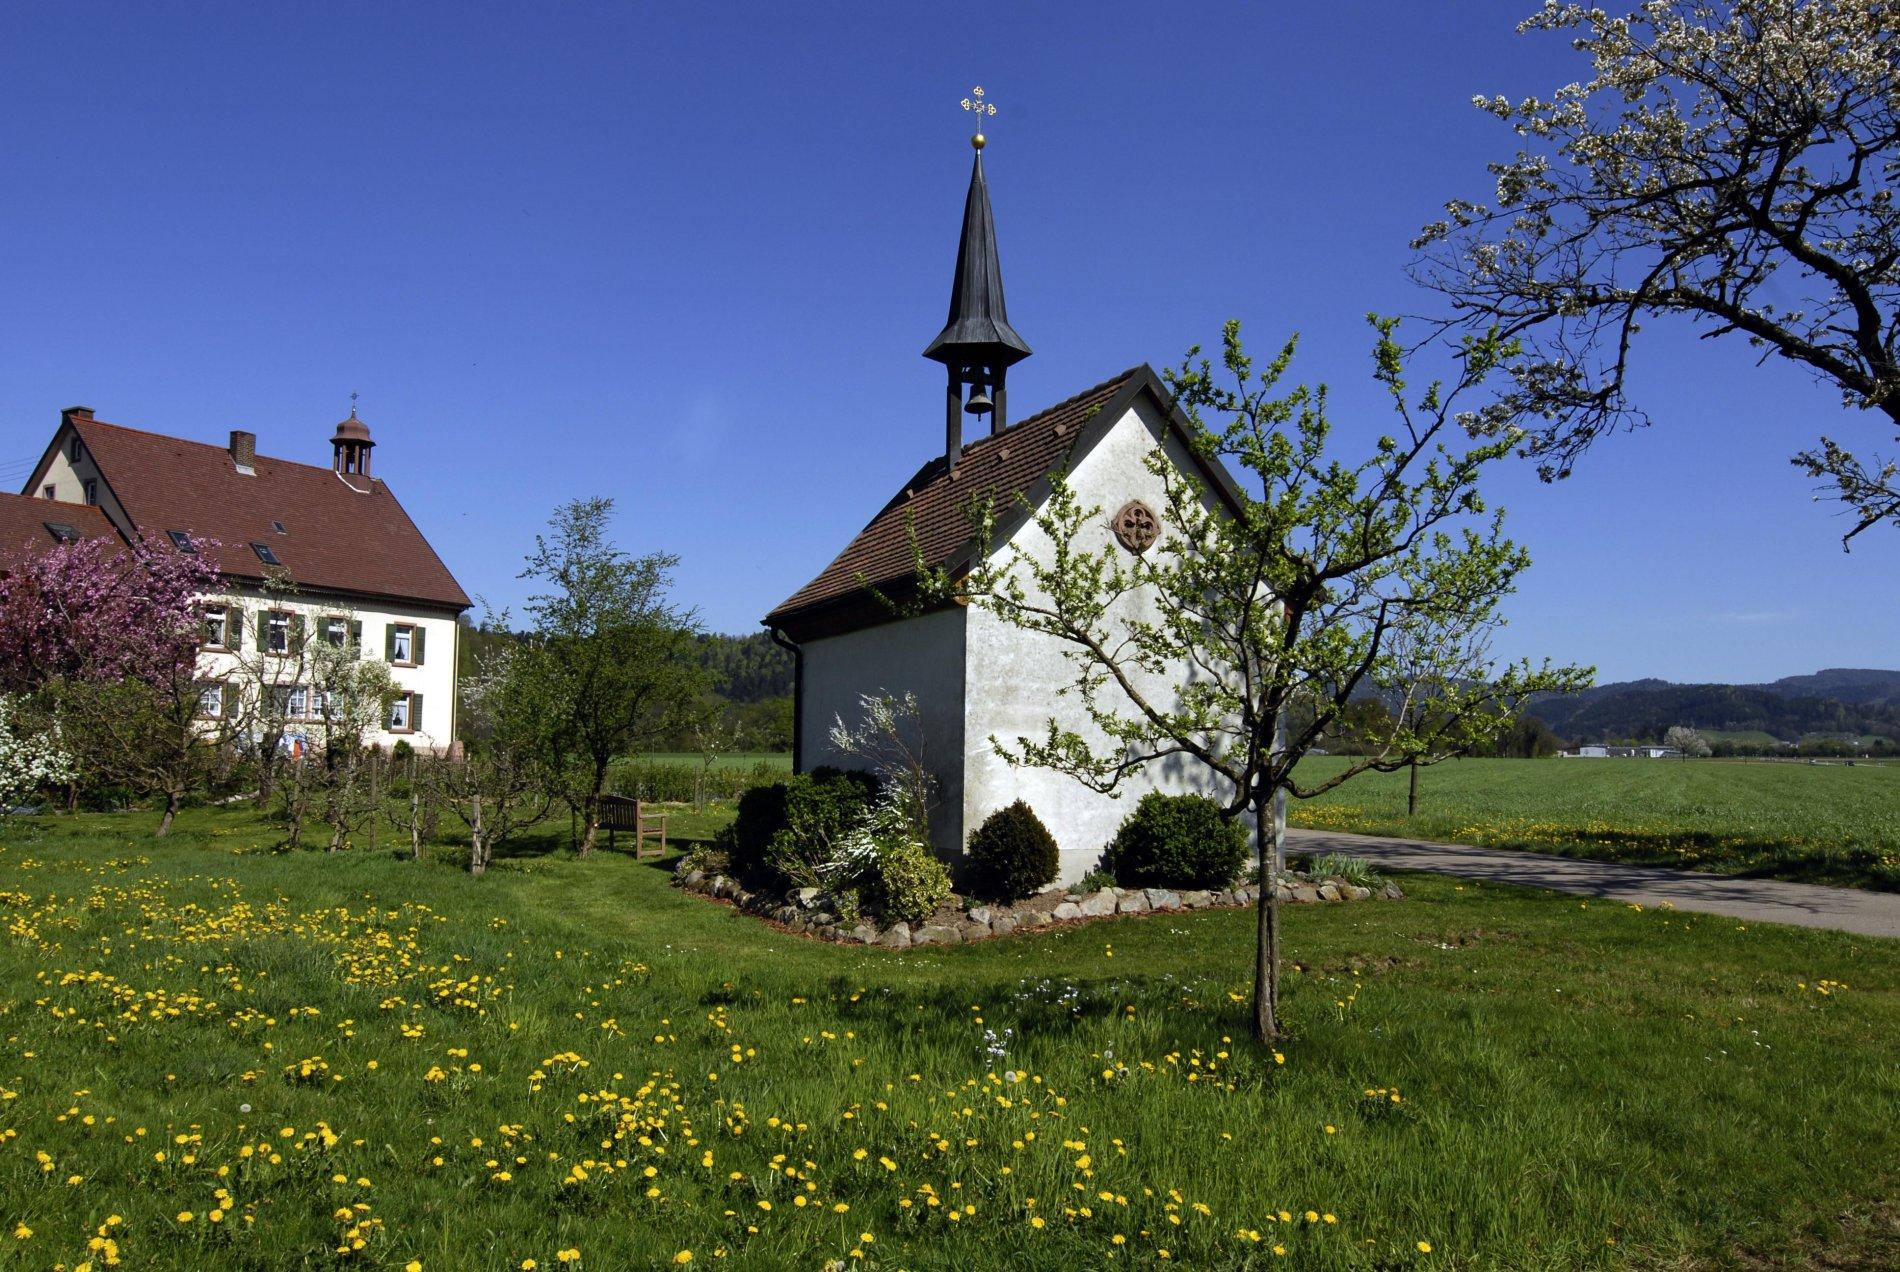 Kapelle, Bauernhof